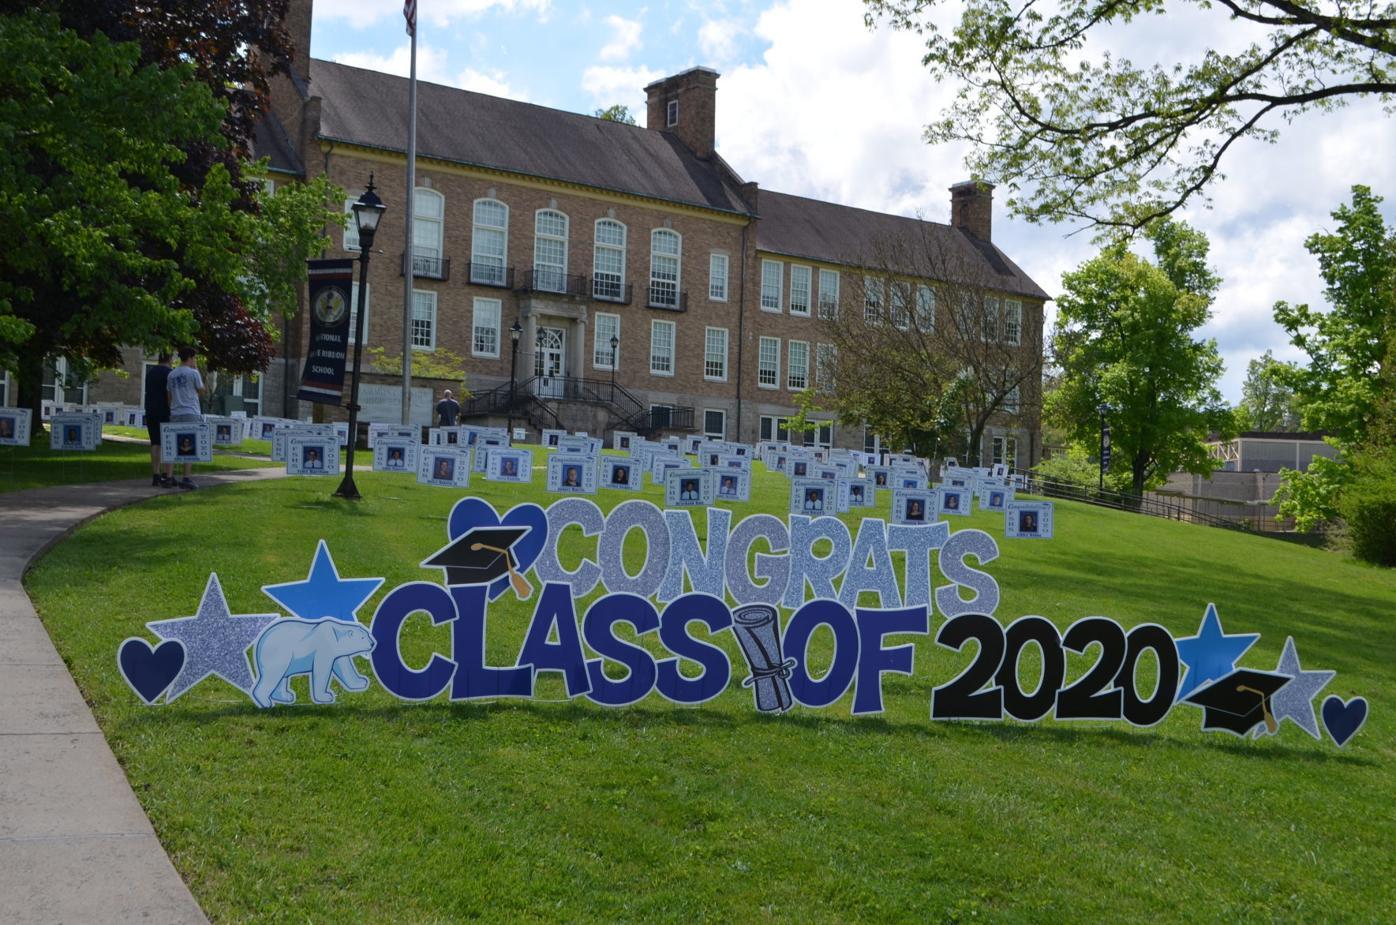 FSHS 2020 graduate signs